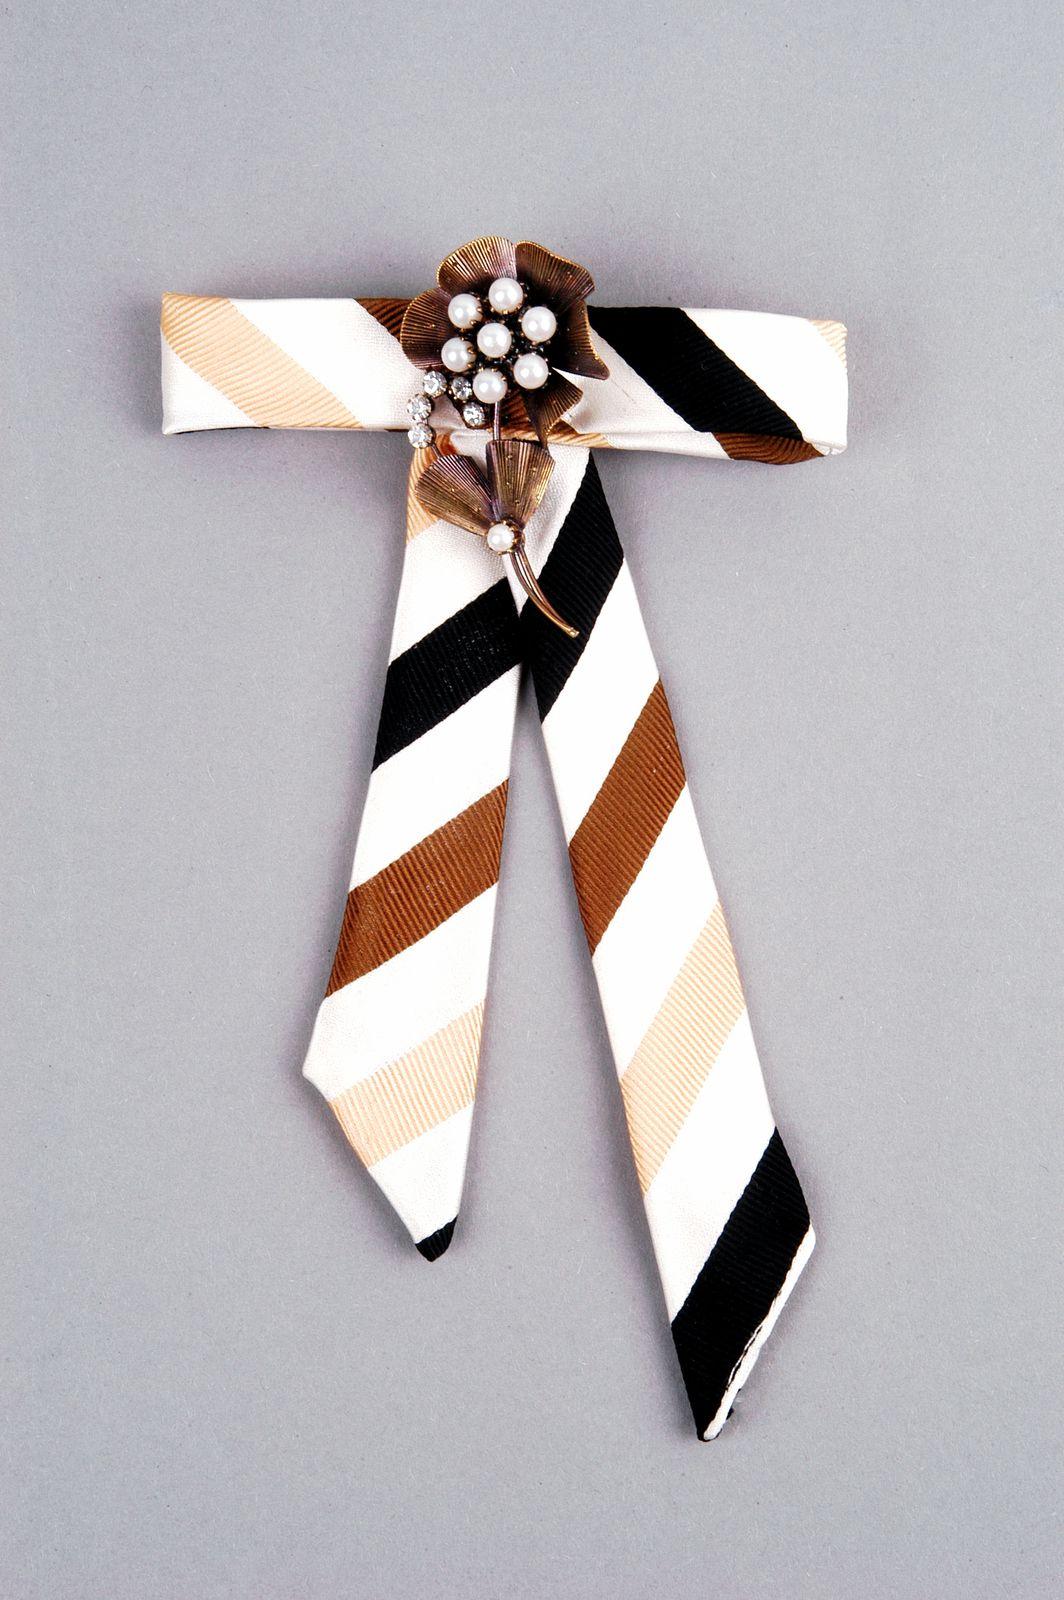 Aus oller Krawatte getüftelte kecke Schleife zum Anpinnen, aufgepimpt mit Flohmarkt-Brosche.